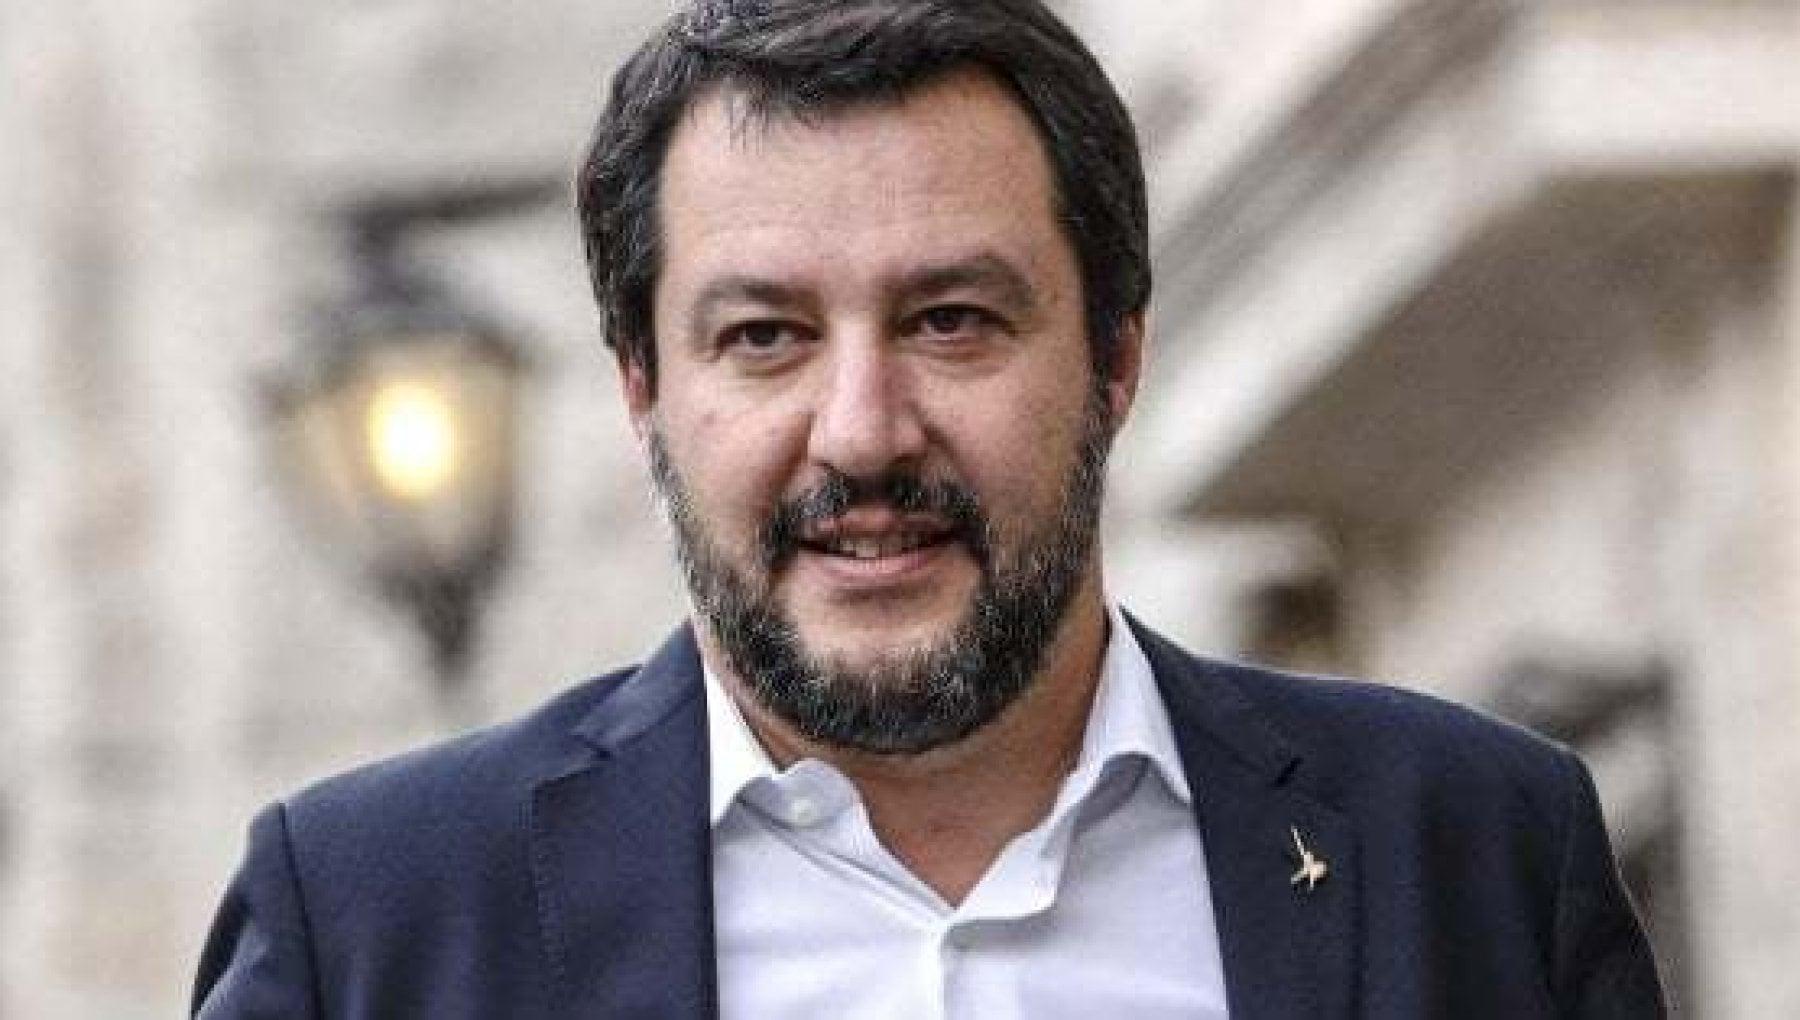 Comizio a Benevento senza mascherina Salvini paga la multa di 280 euro